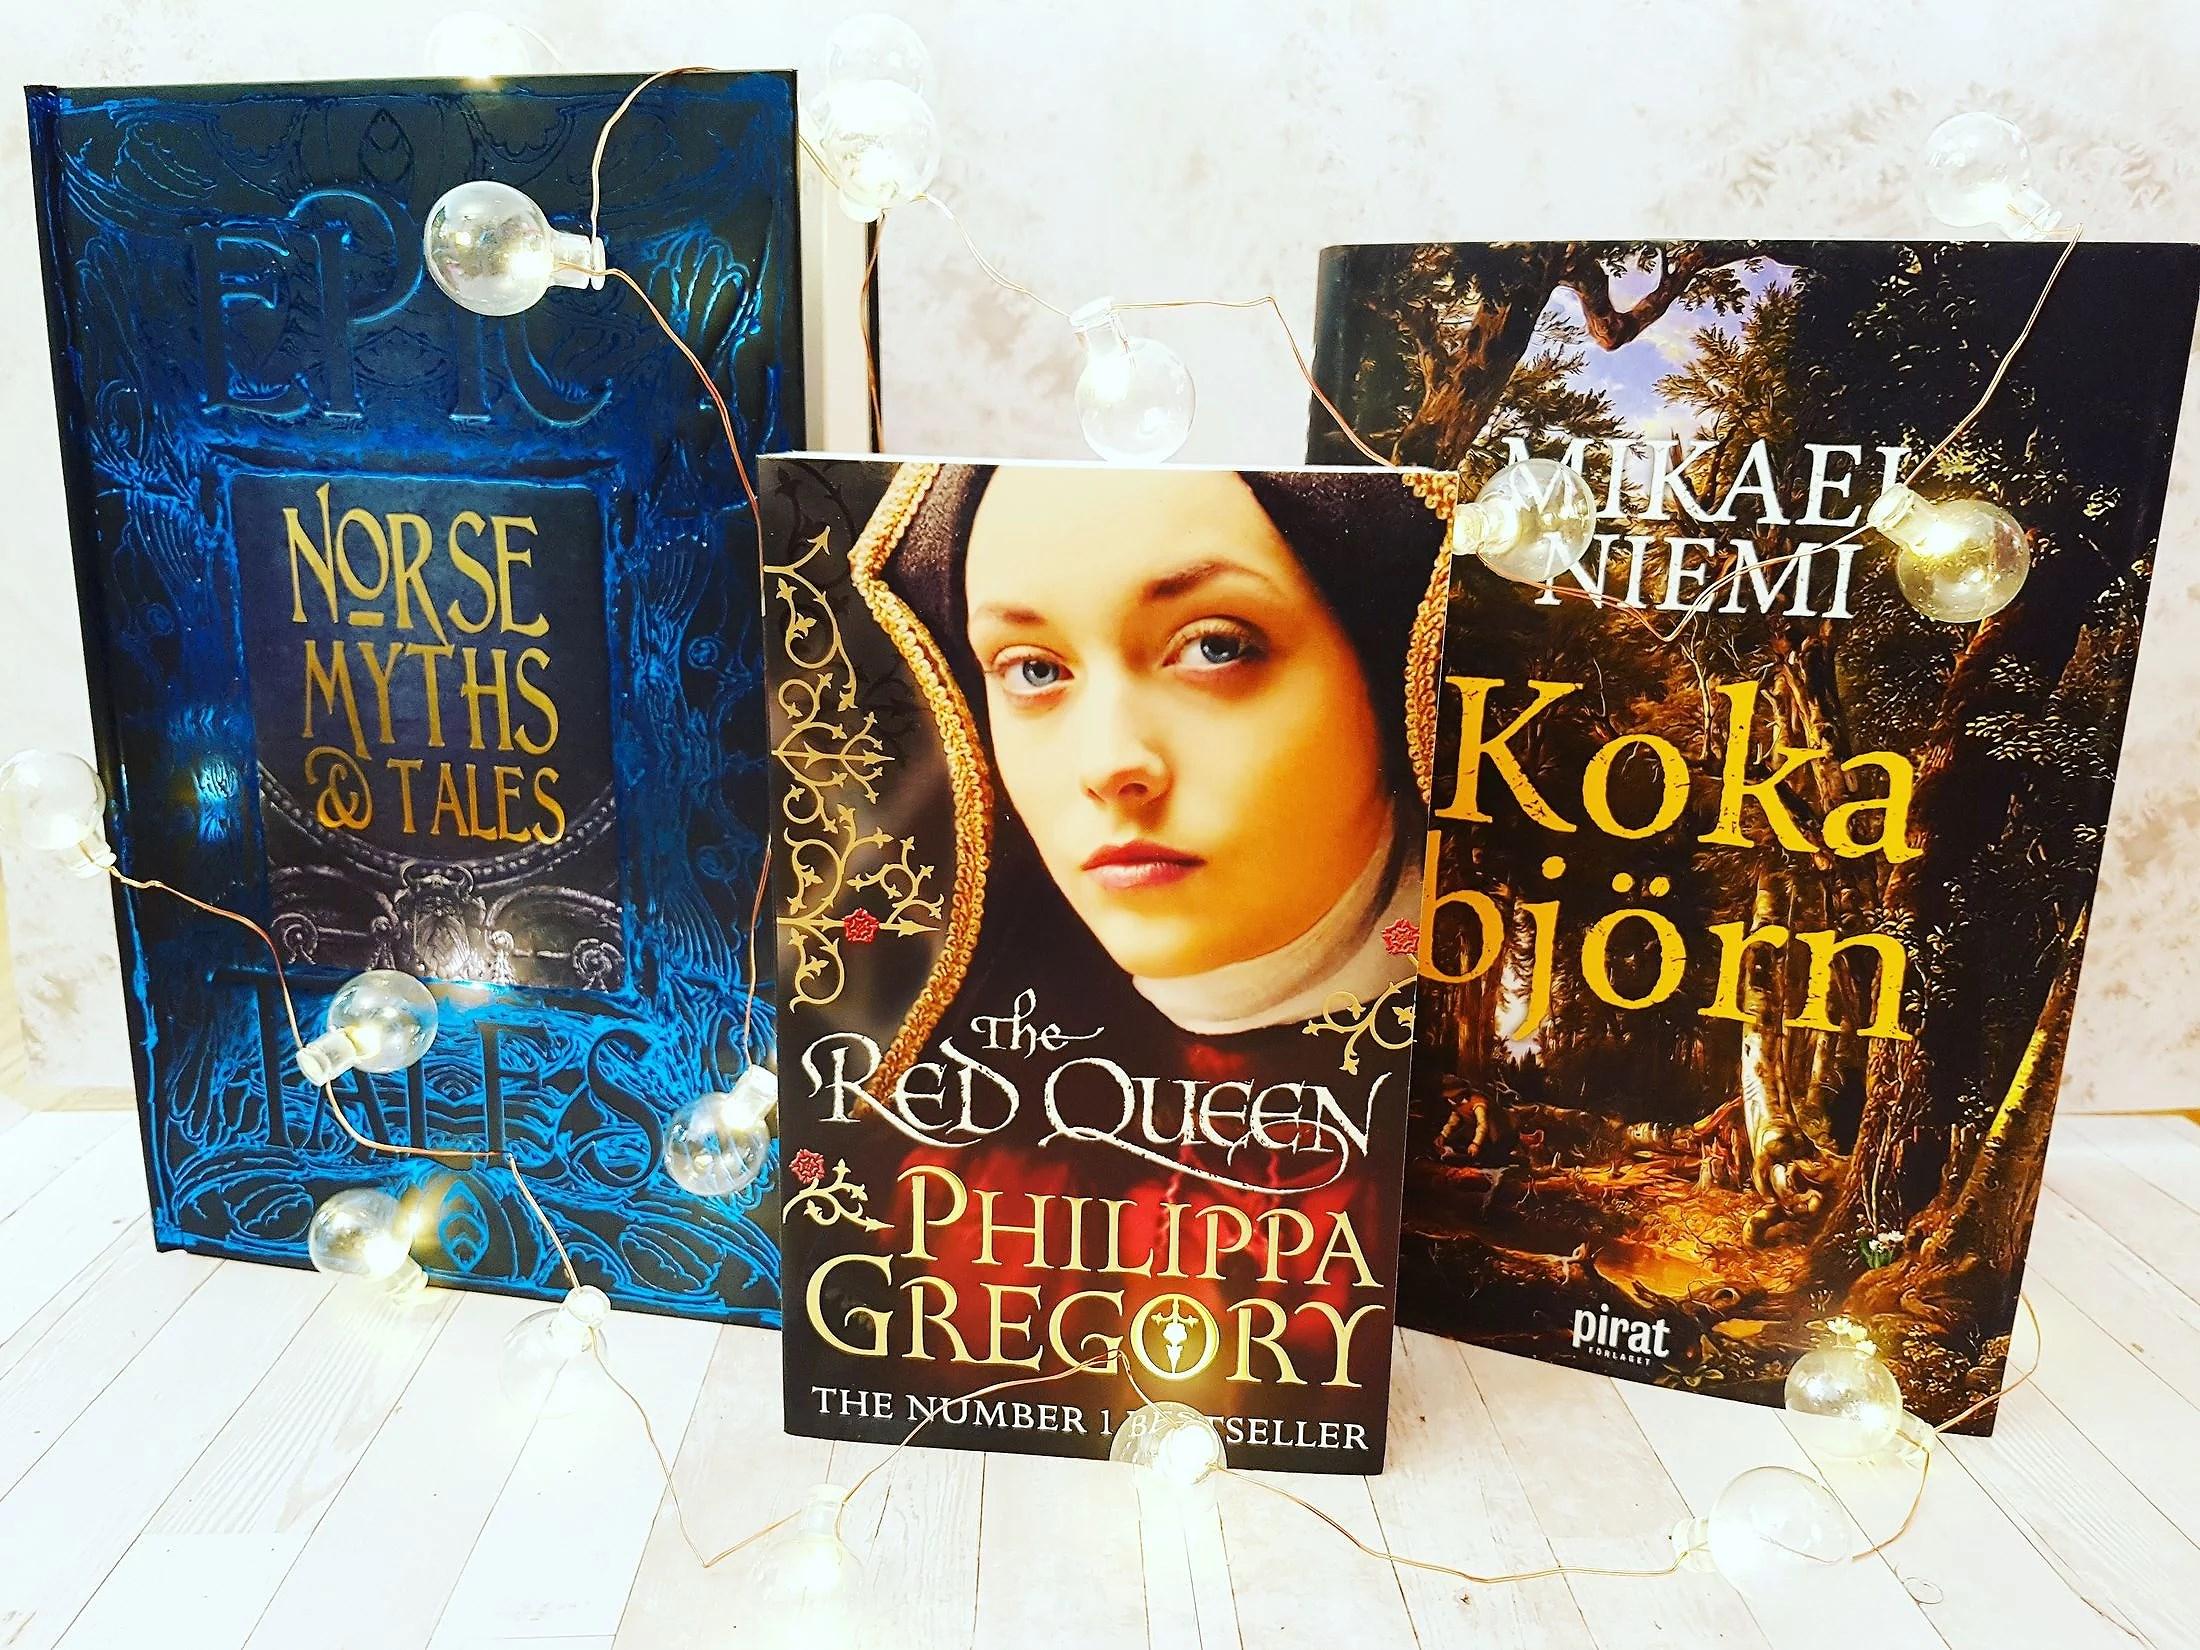 Bokrean del 2/The book sale part 2